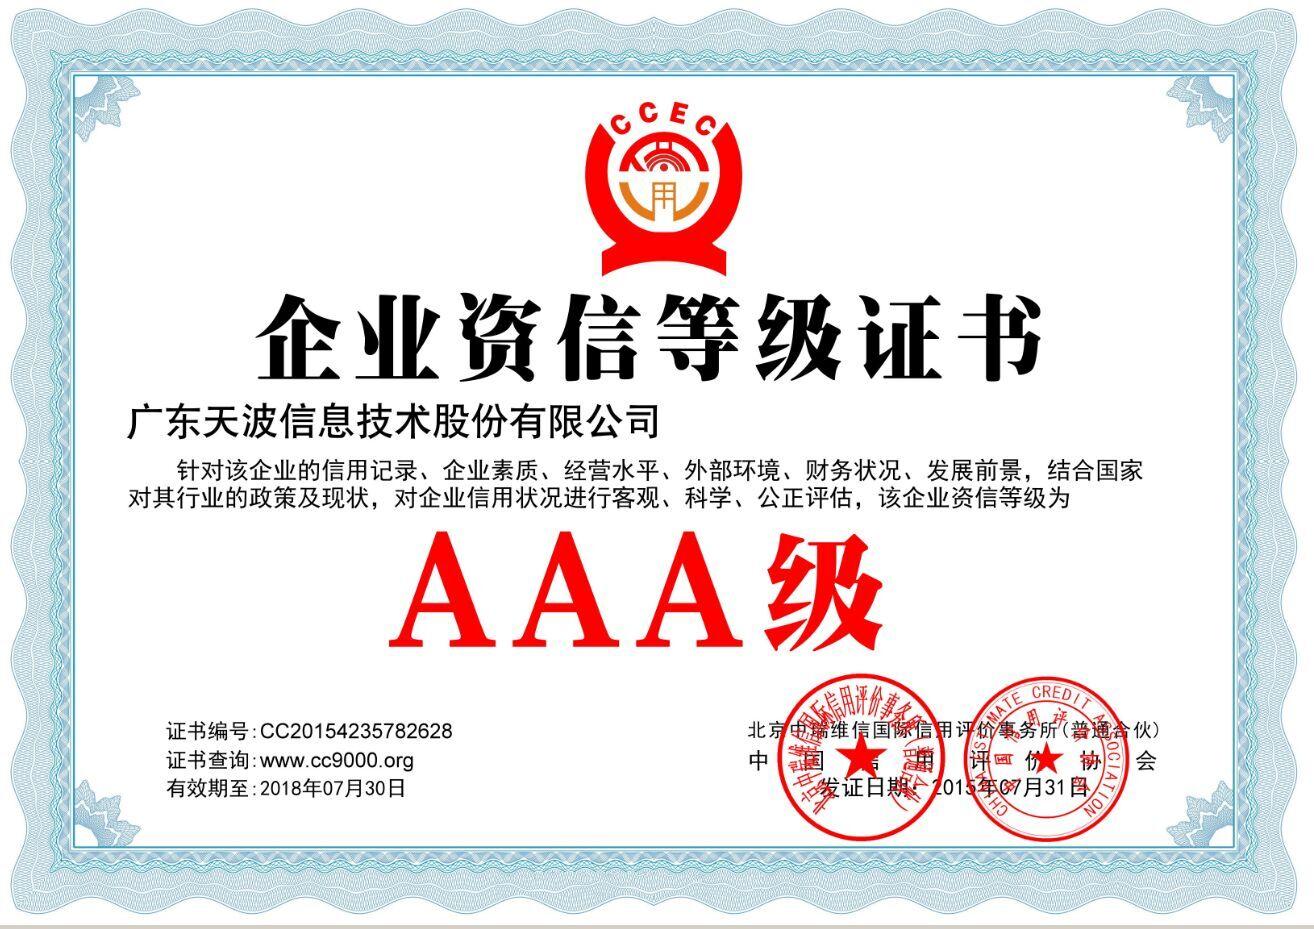 企业资信等级证书AAA级